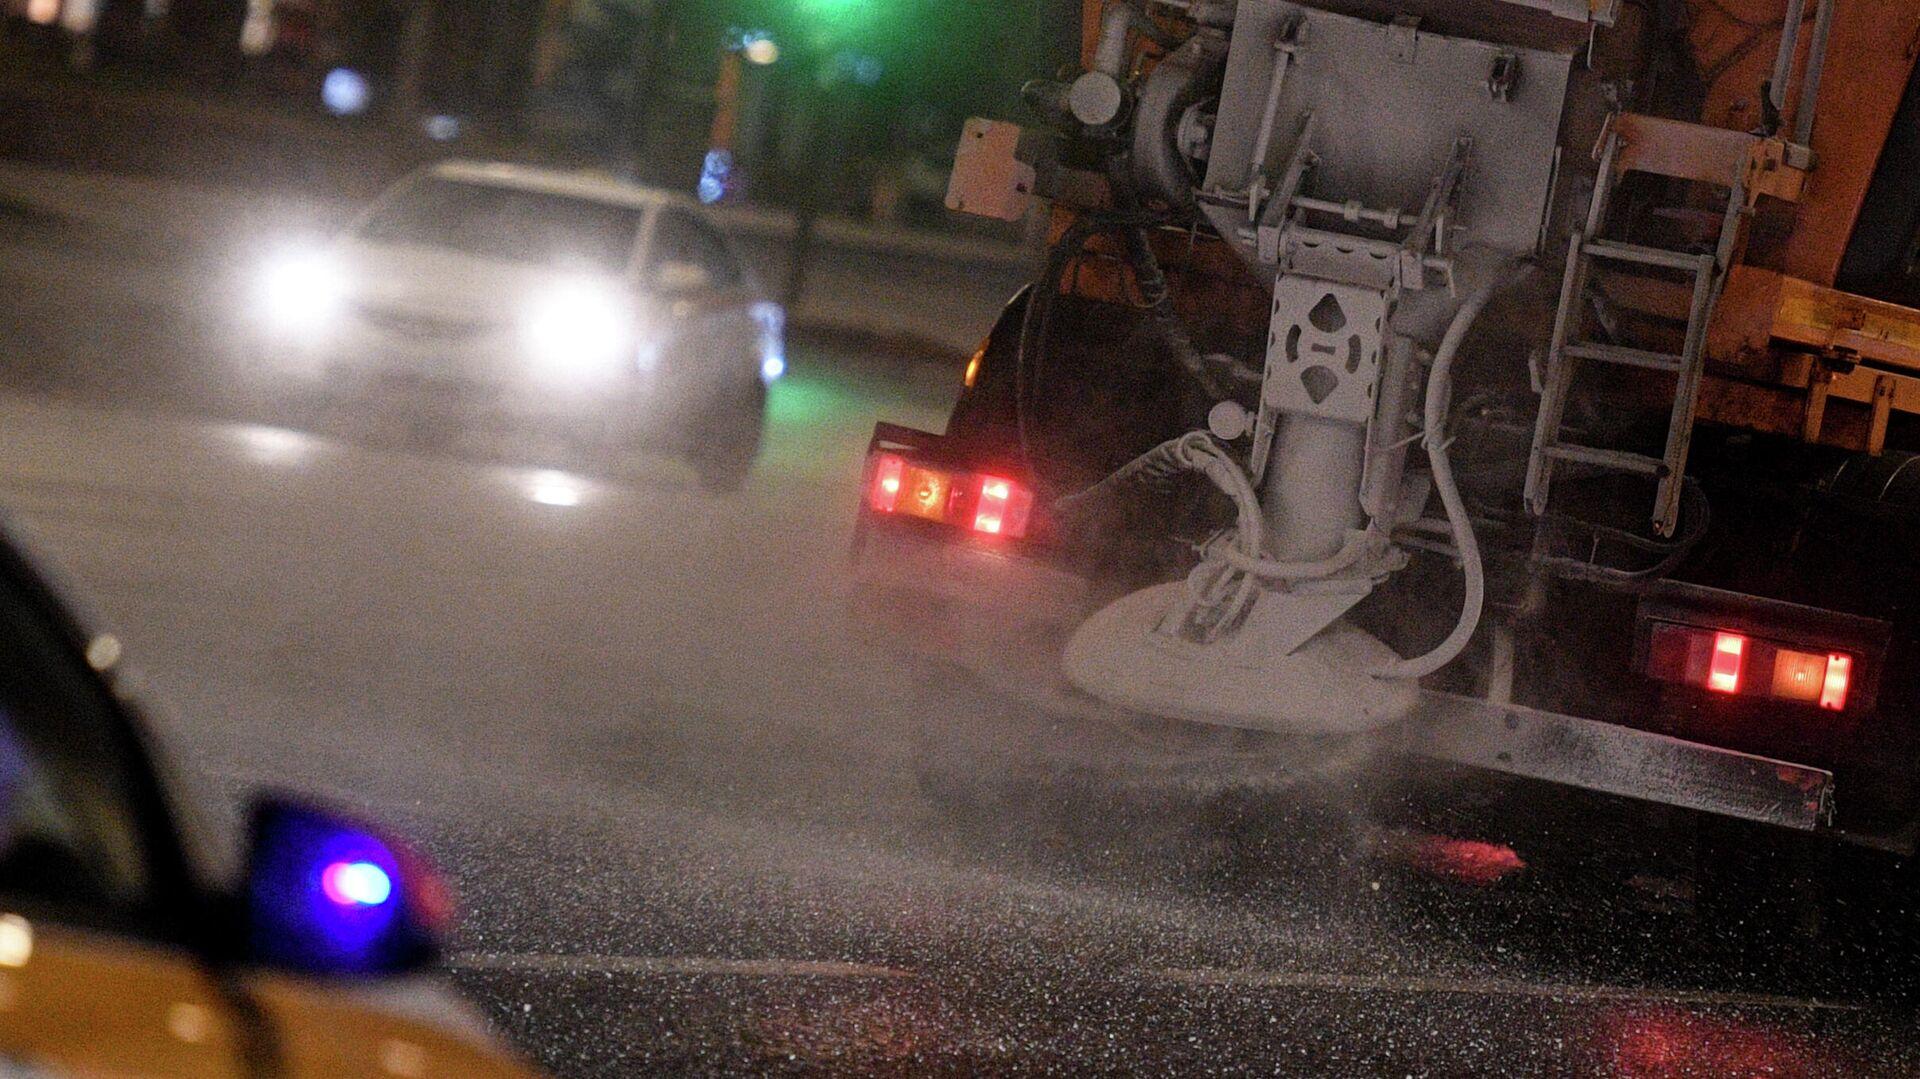 Снегоуборочная машина обрабатывает проезжую часть дороги противогололёдным средством в Москве - РИА Новости, 1920, 26.11.2020